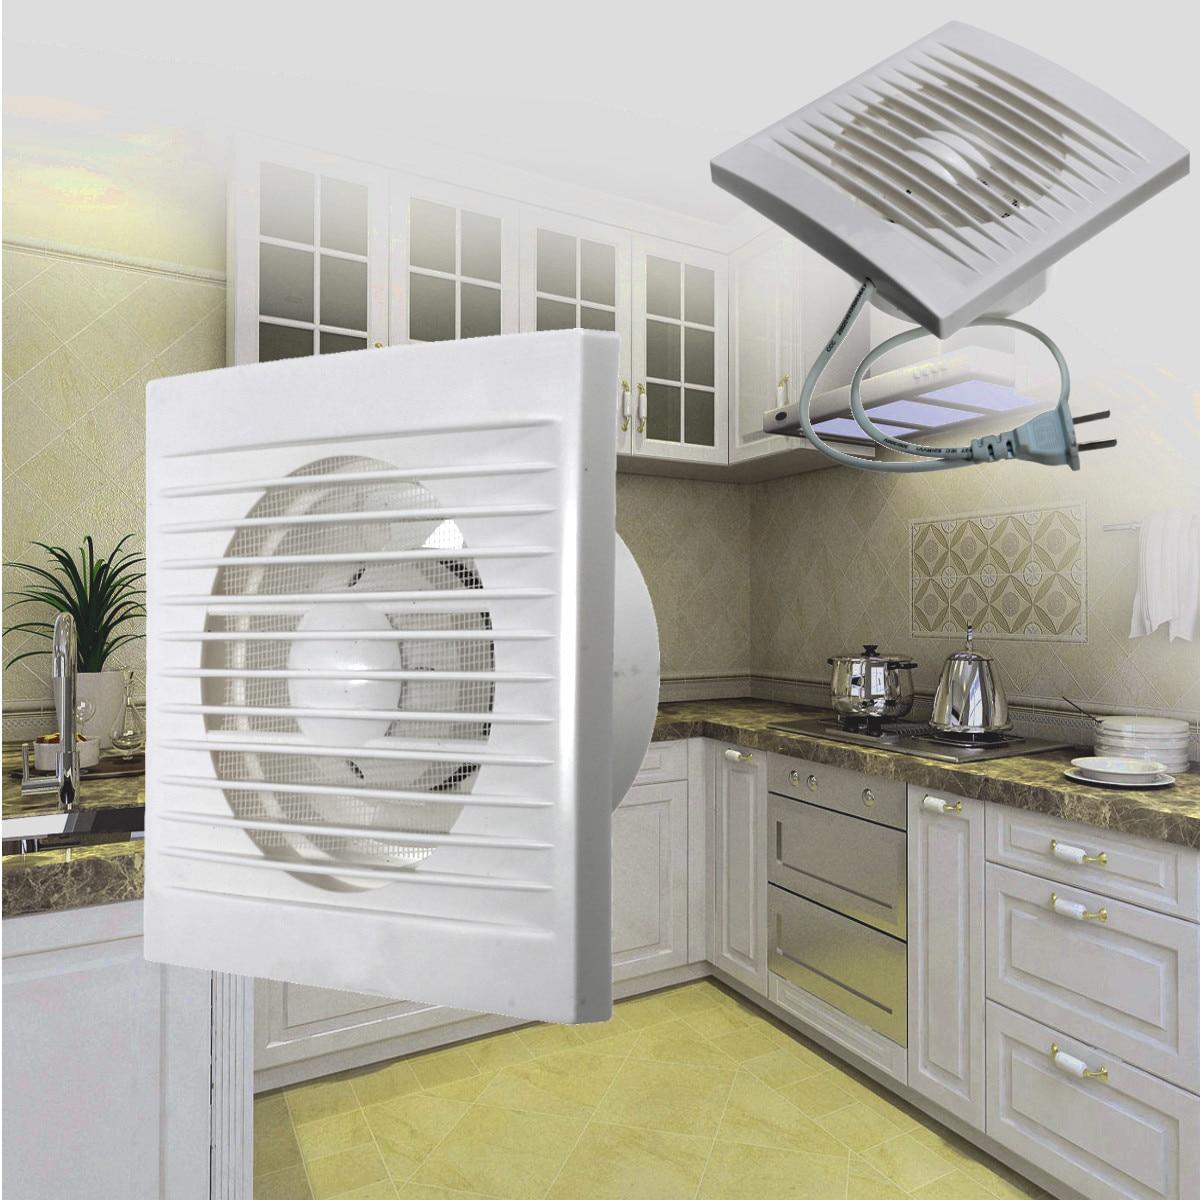 Belüftung Extractor Abluftventilator Gebläse Fenster Wand Küche Bad .